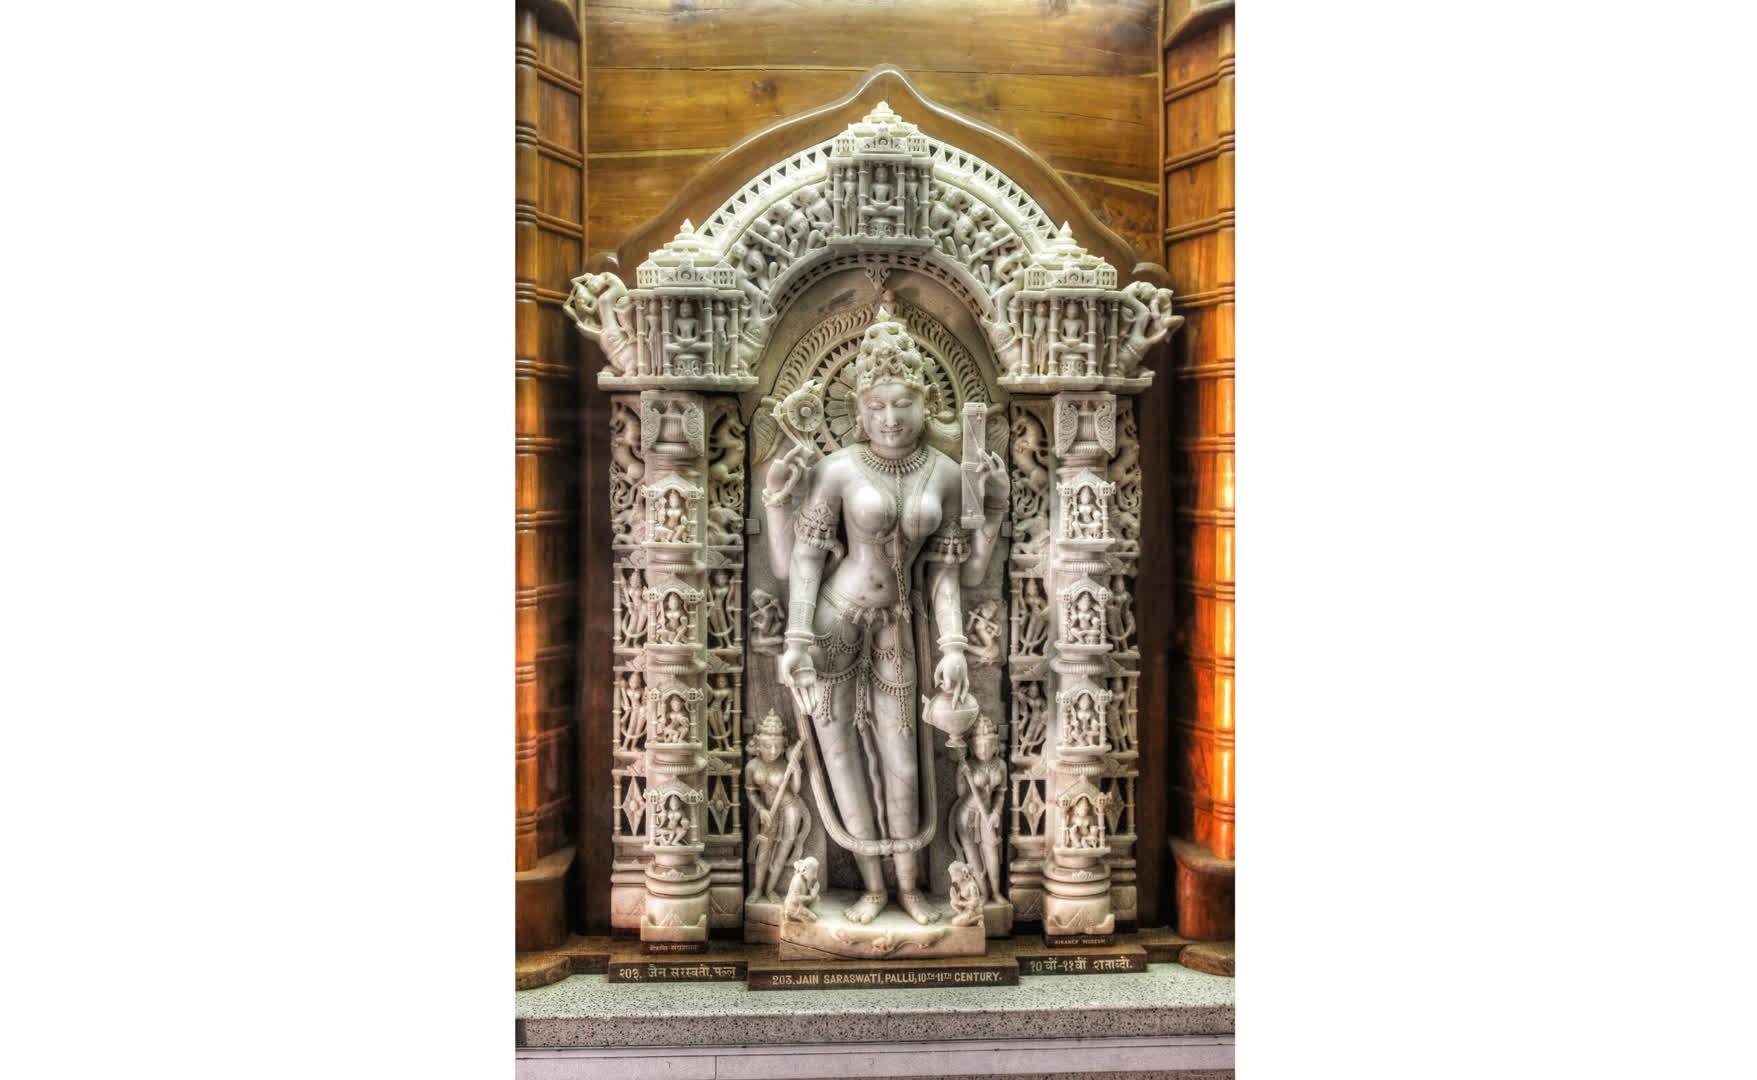 राजस्थान में मिली प्राचीन सरस्वती प्रतिमाएँ